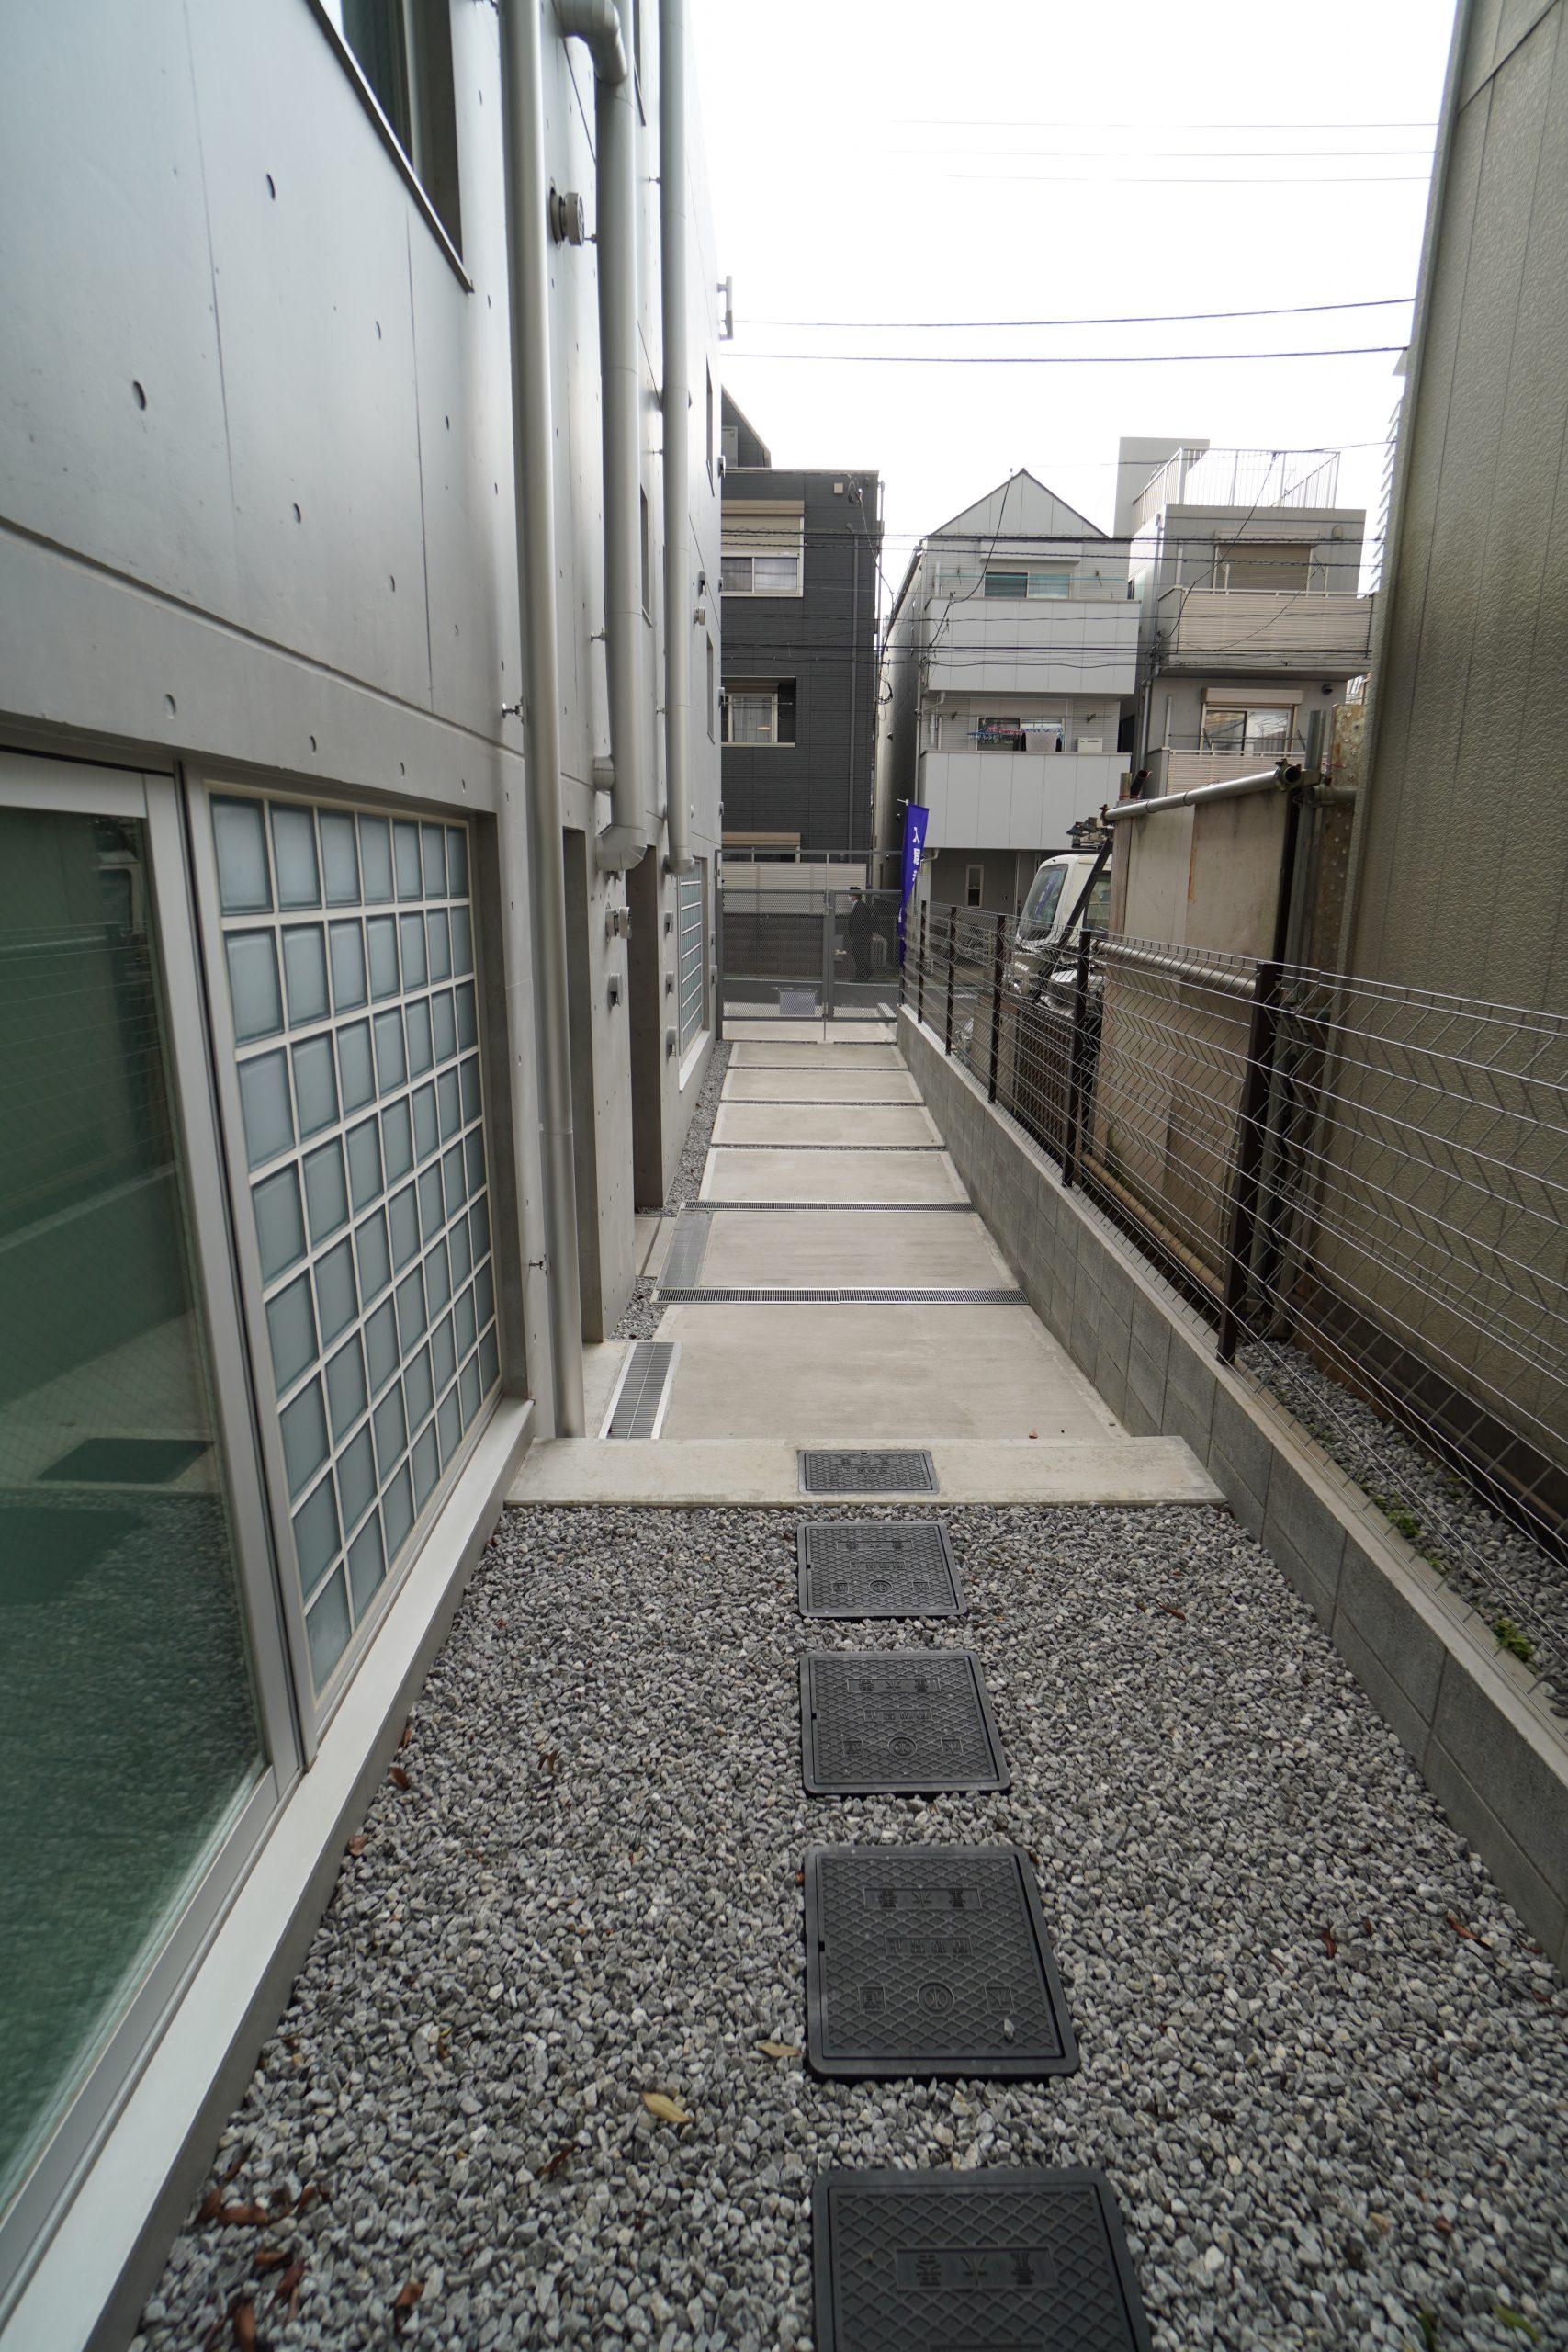 PASEO新宿三丁目Iの写真12